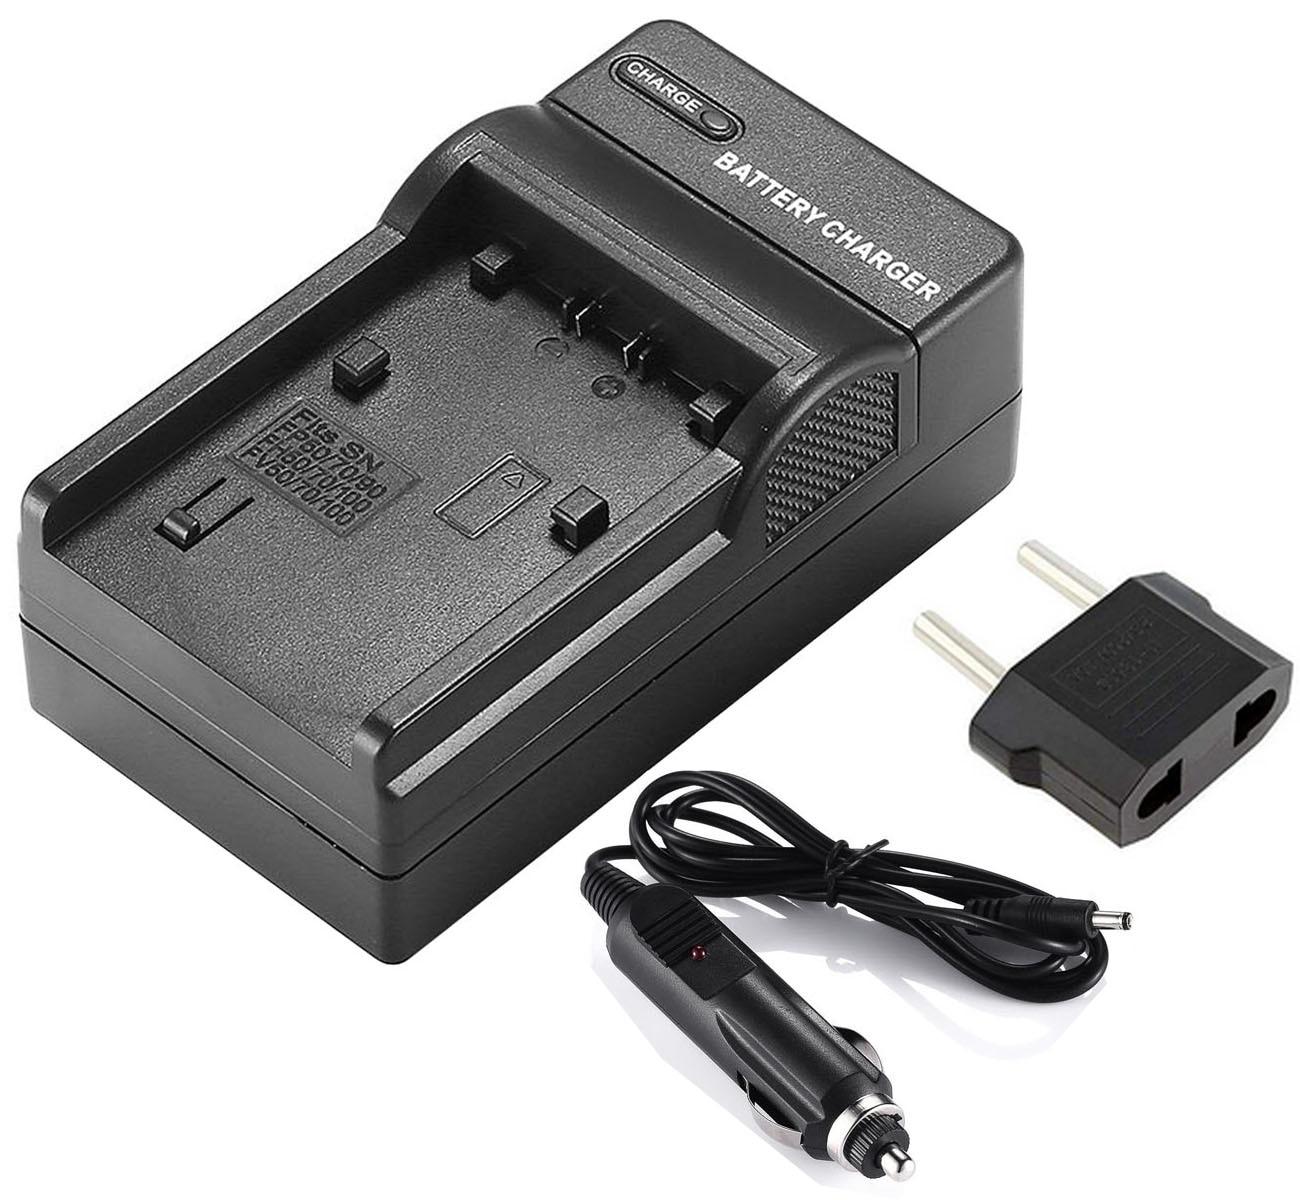 Зарядное устройство для Sony NP-FP30, NP-FP50, NP-FP60, NP-FP70, NP-FP71, NP-FP90